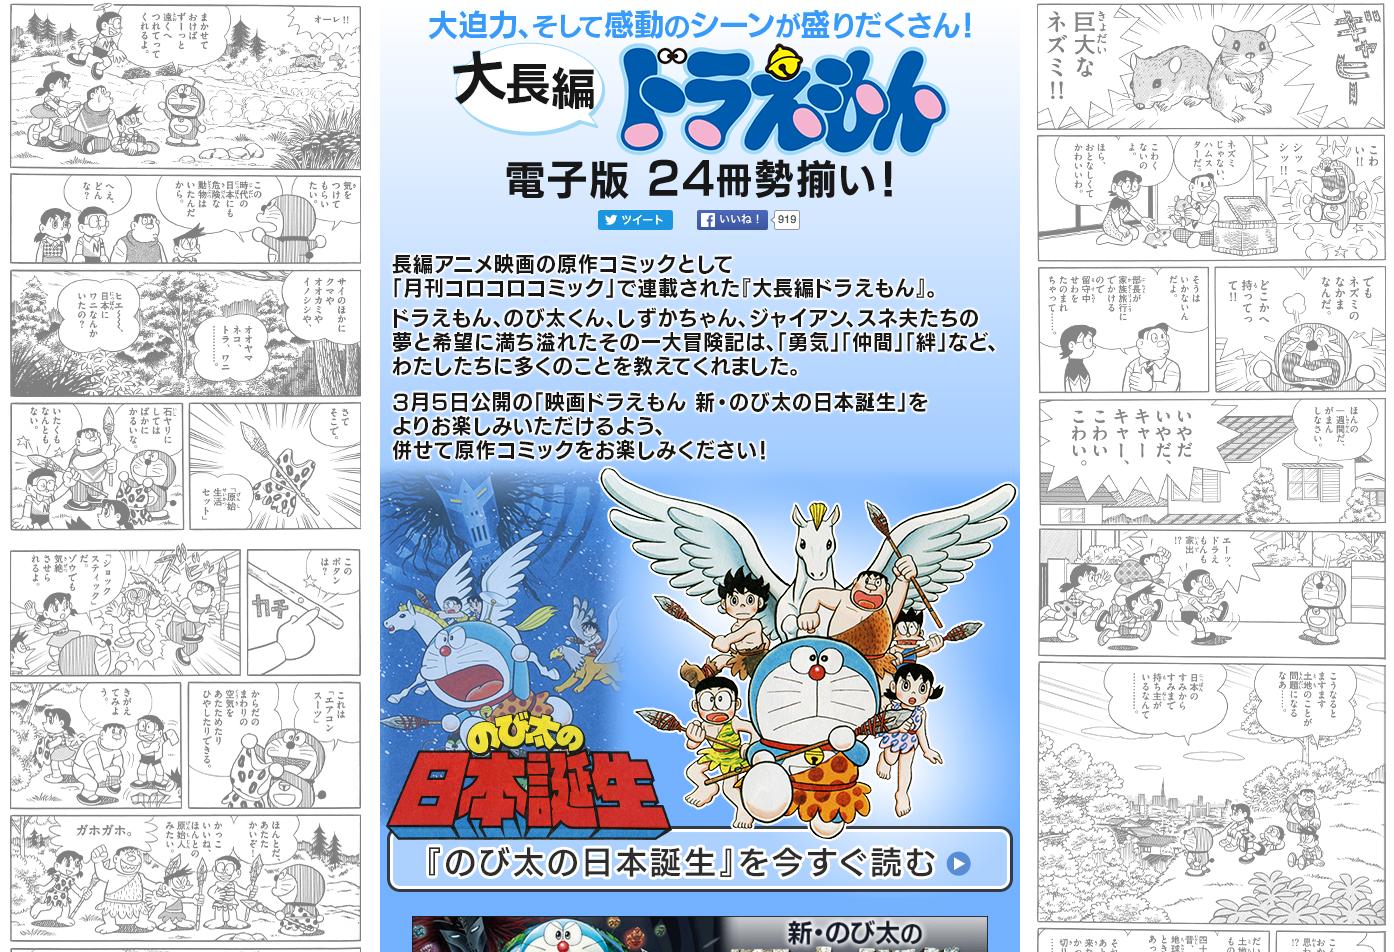 (現在無料期間終了致しました。)【NEWS】てんとう虫コミックス「ドラえもん」1巻から3巻まで、今なら電子書籍で無料で読める。合計7冊無料!!